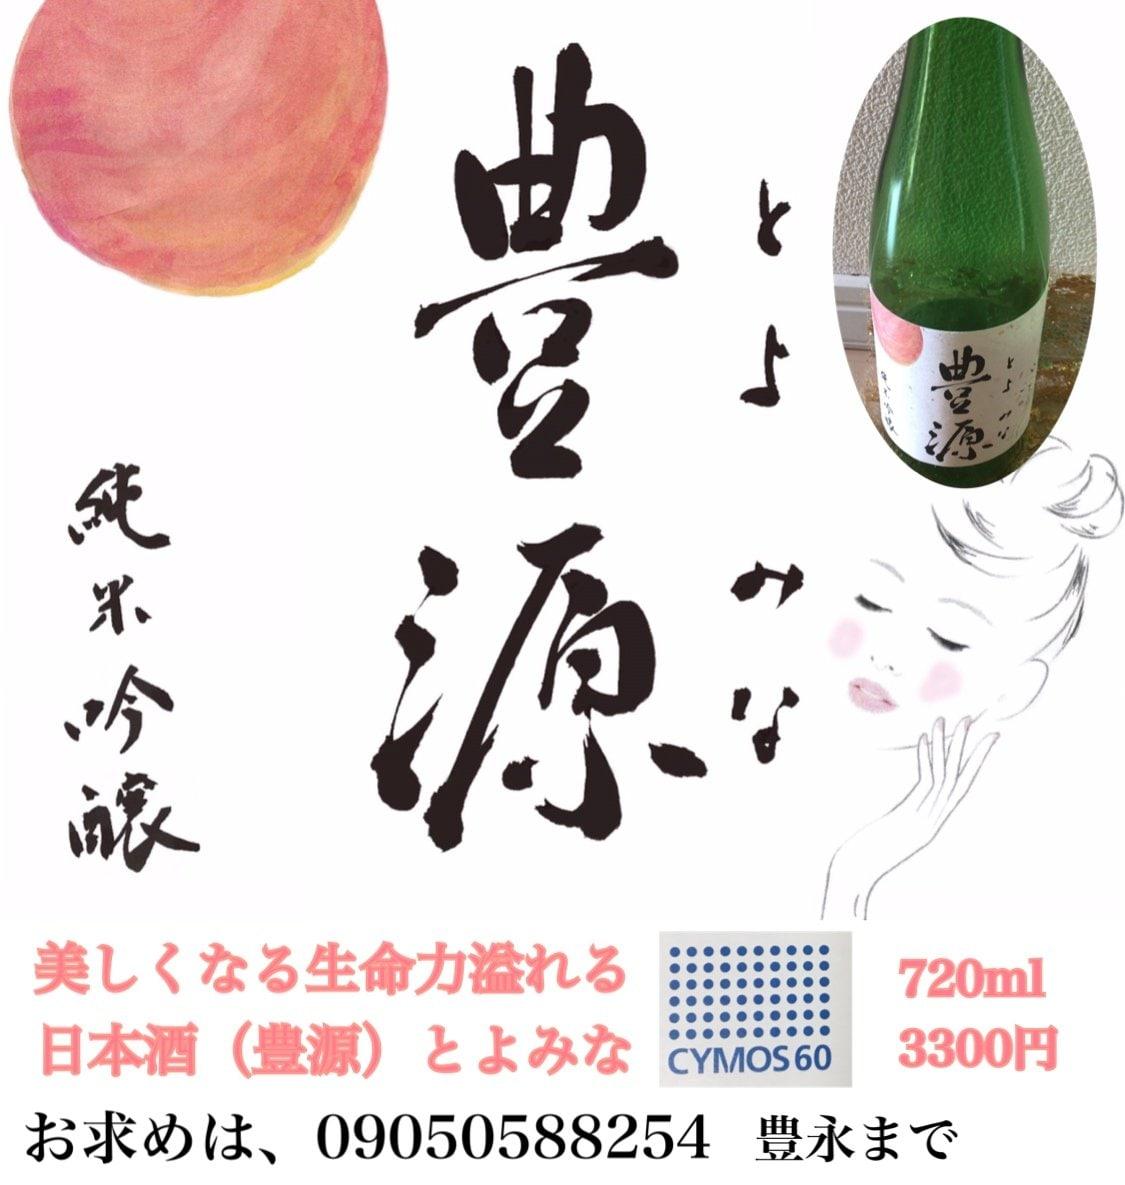 豊源(とよみな)日本酒お披露目会のイメージその2